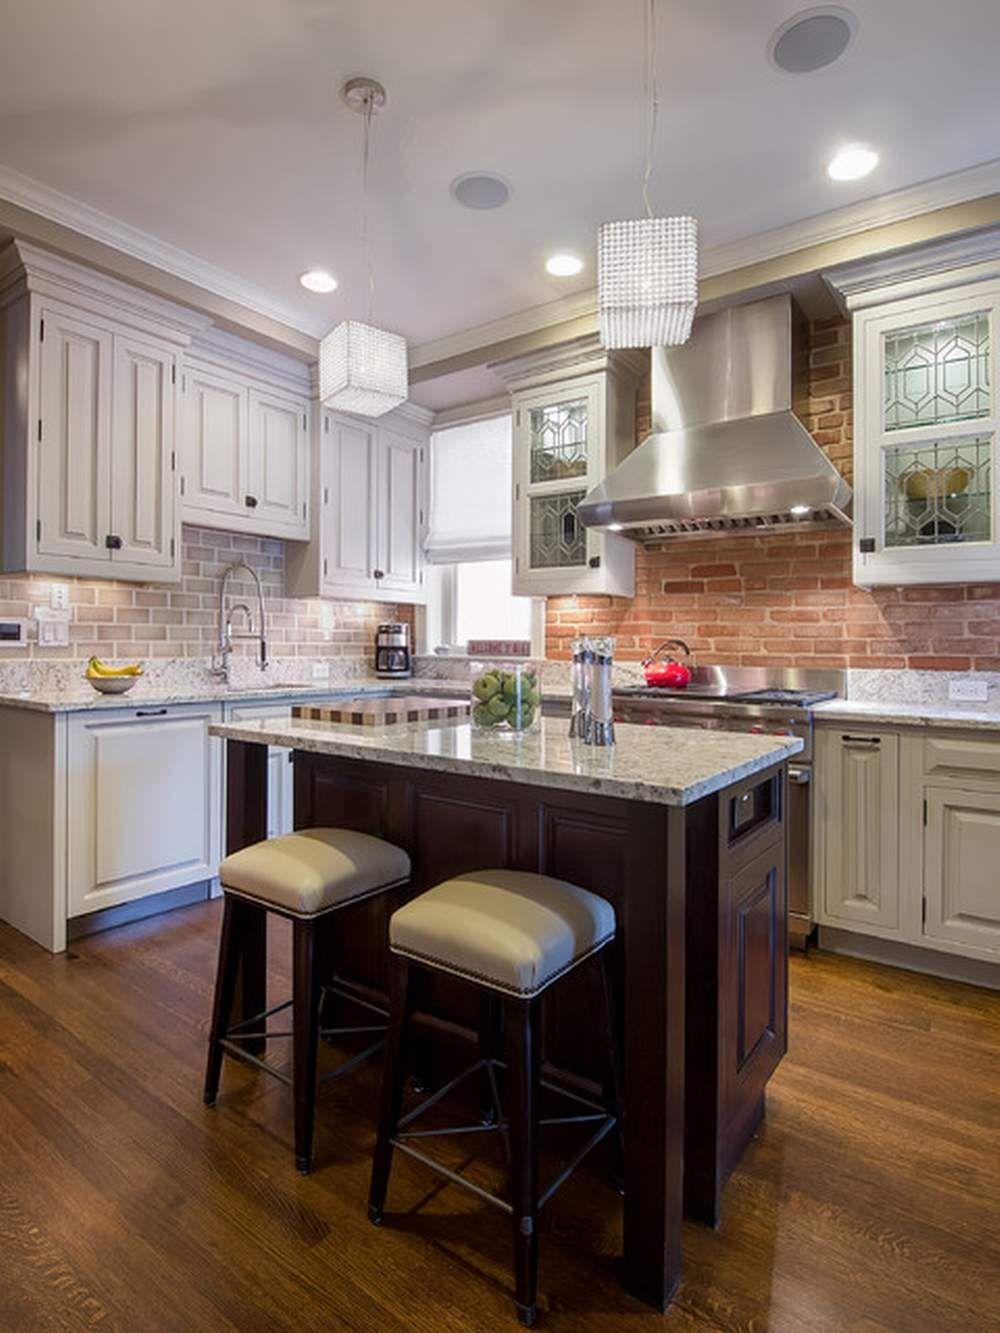 13 33 Küche (mit Bildern) Küchendesign, Umbau kleiner